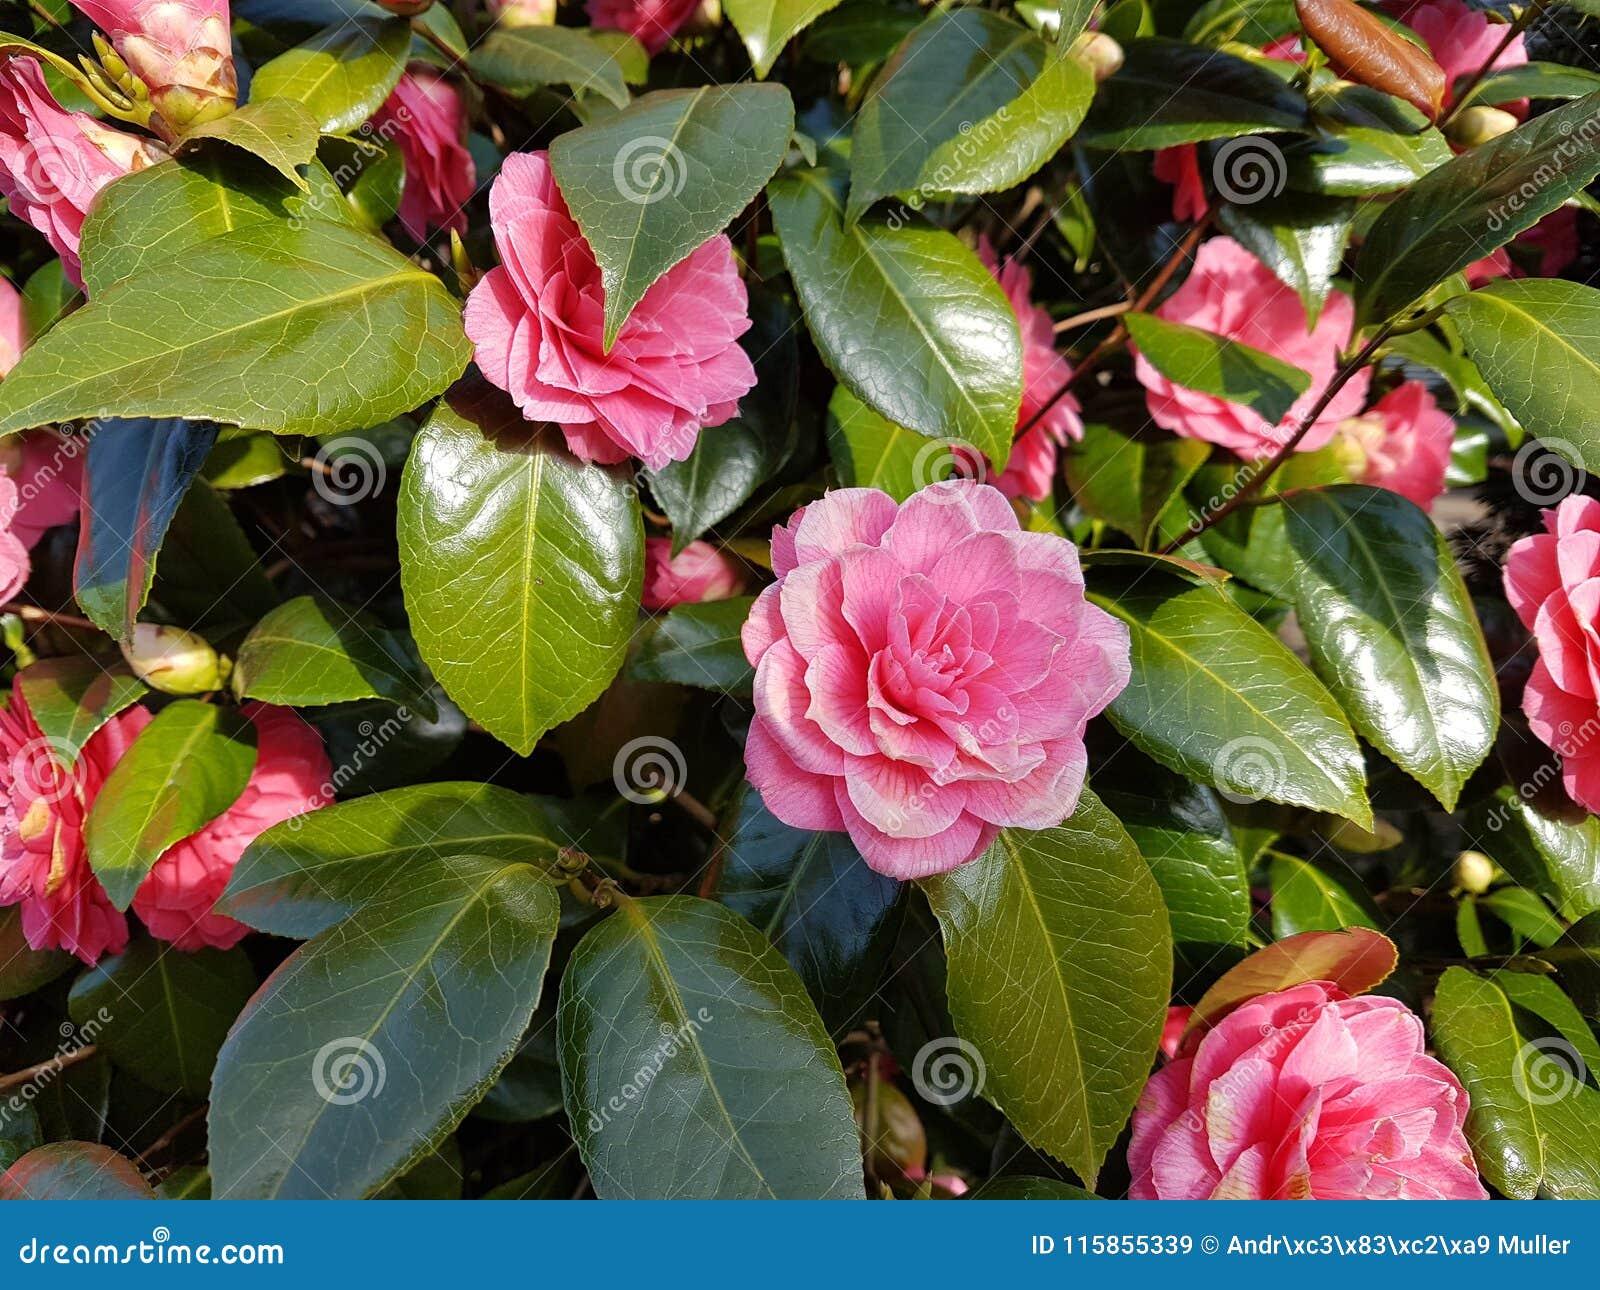 Pianta Fiori Rosa.Fiori Rosa Della Pianta Di Rosa Del Giapponese Della Camelia